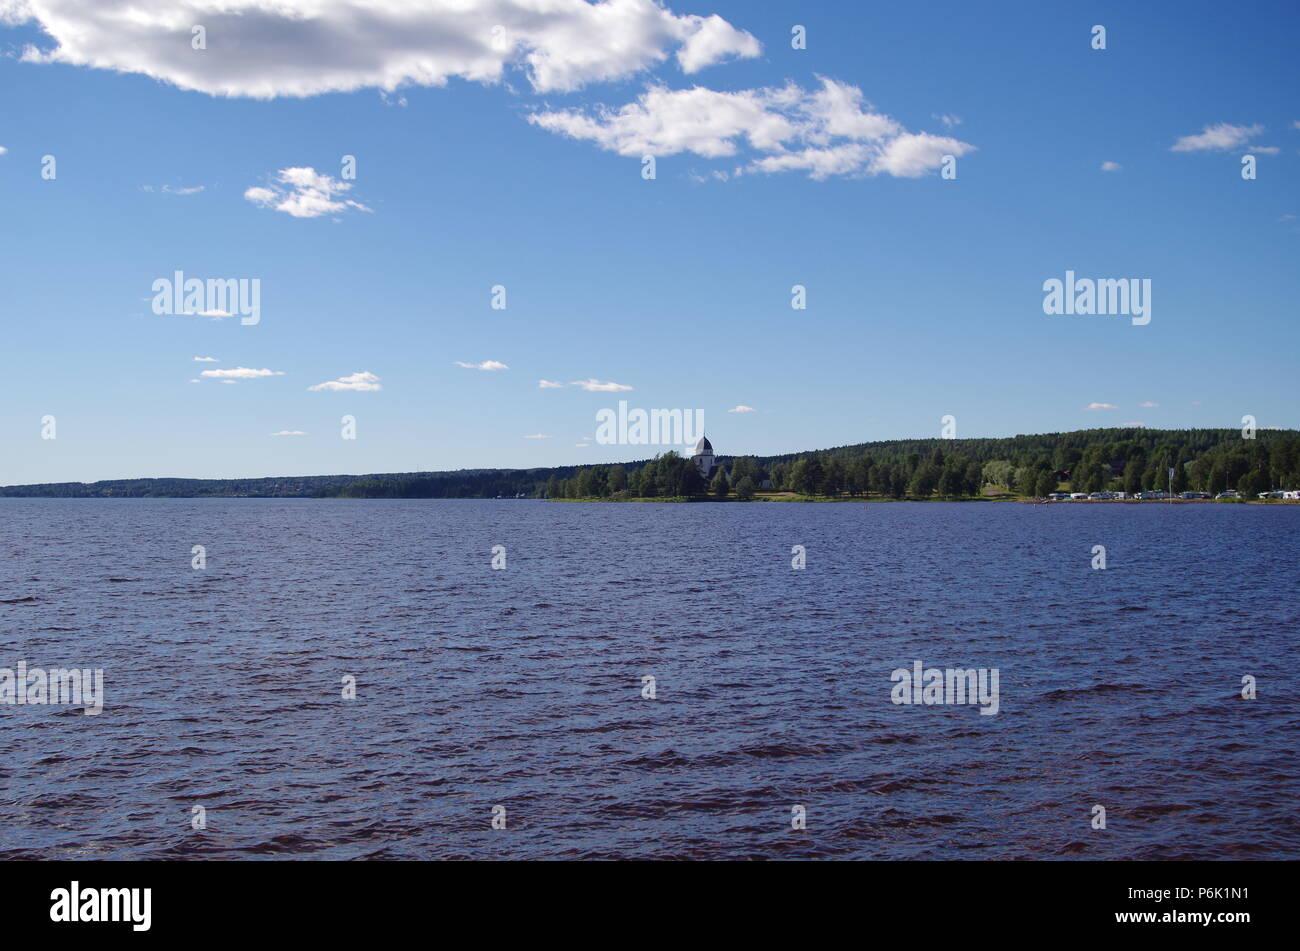 Lake siljan in the province of Dalarna - Stock Image